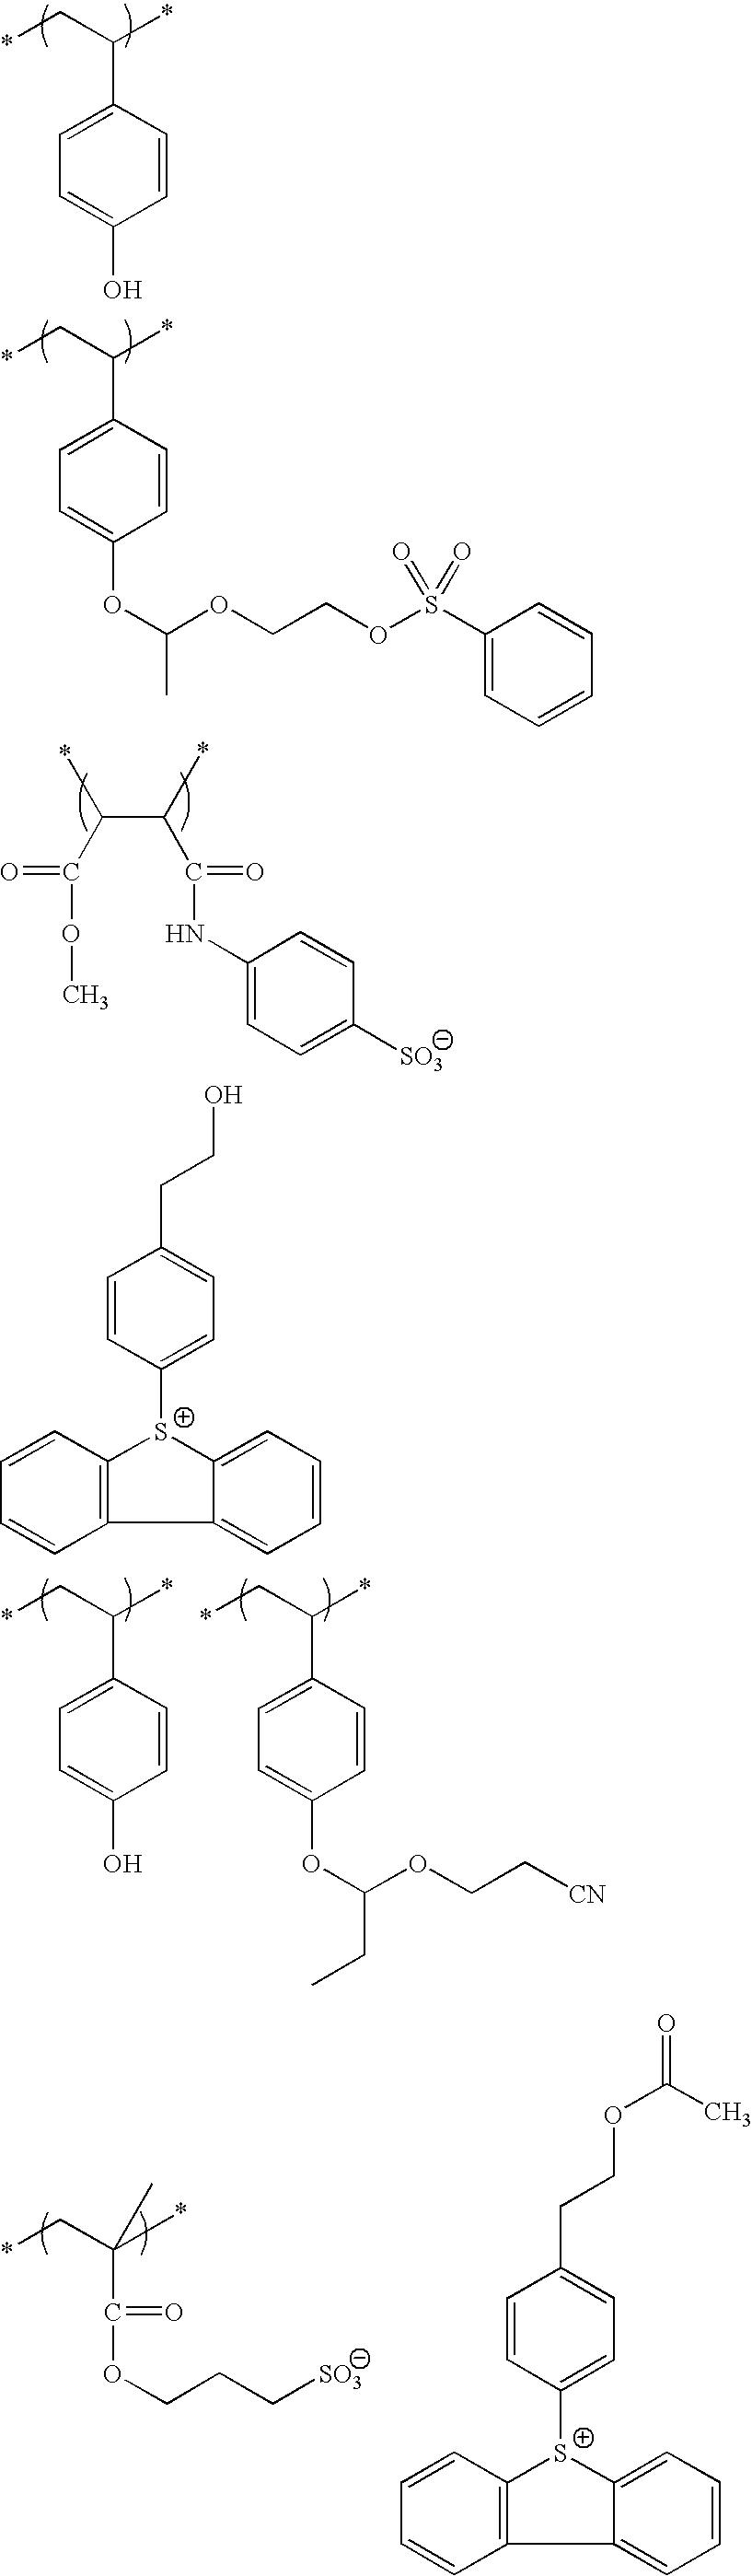 Figure US08852845-20141007-C00178